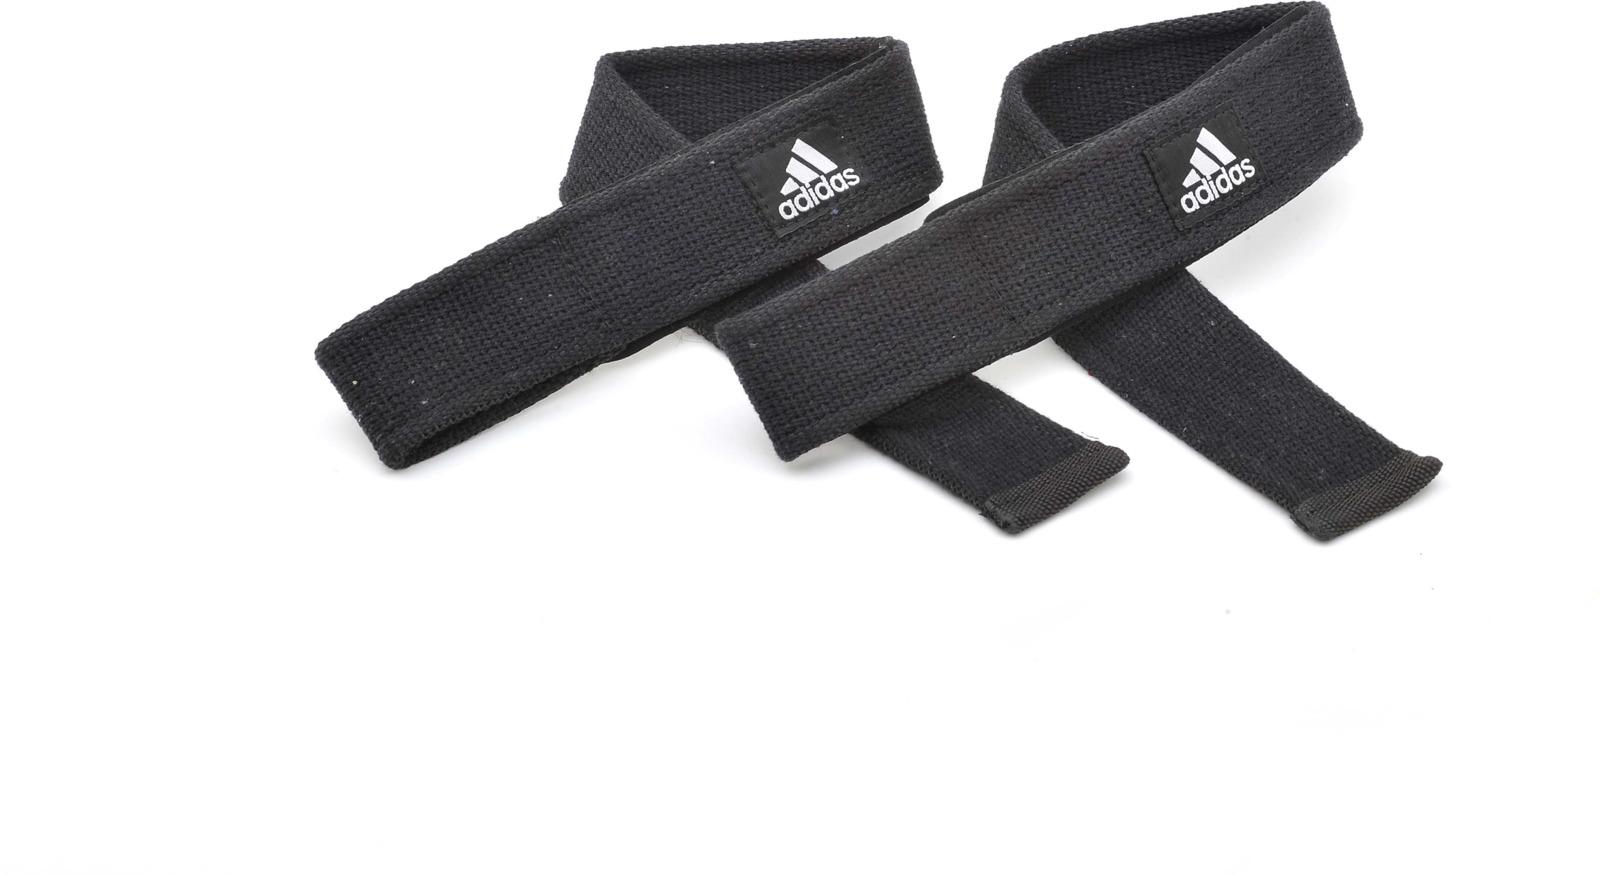 Ремень для тяги Adidas Lifting Straps, цвет: черный